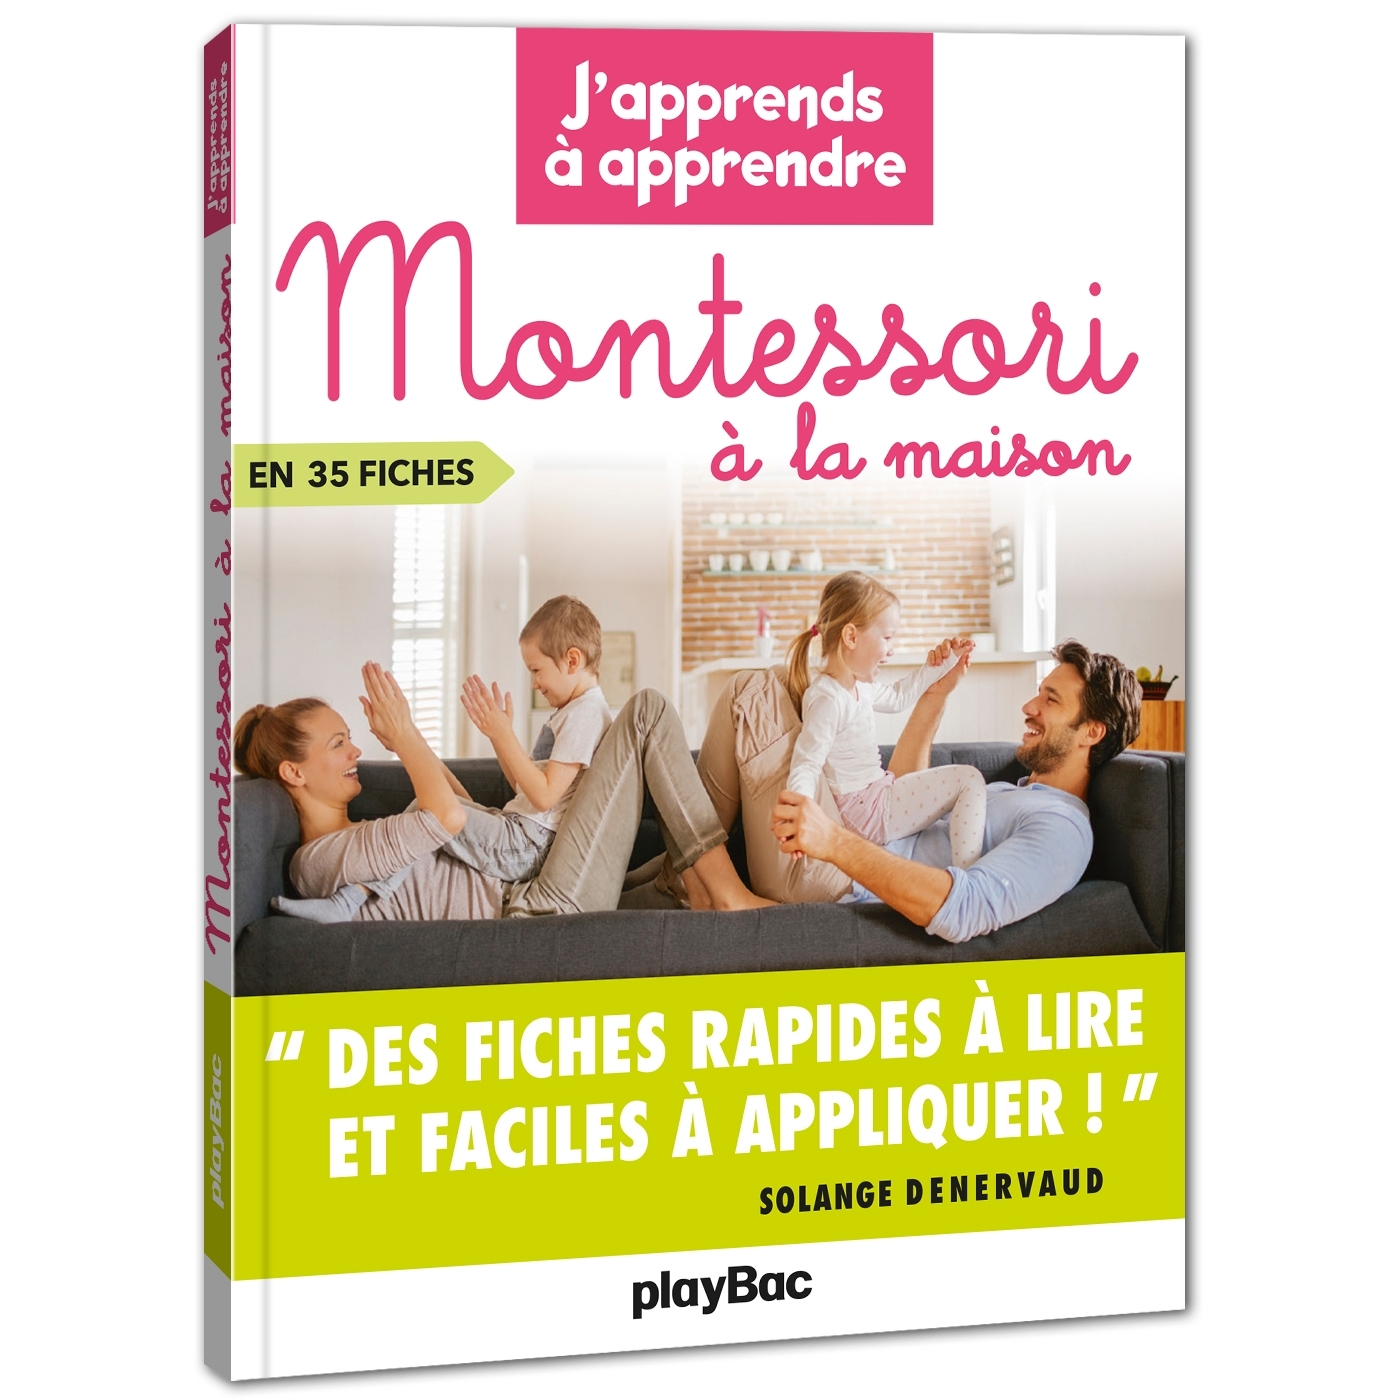 MONTESSORI A LA MAISON - J'APPRENDS A APPRENDRE